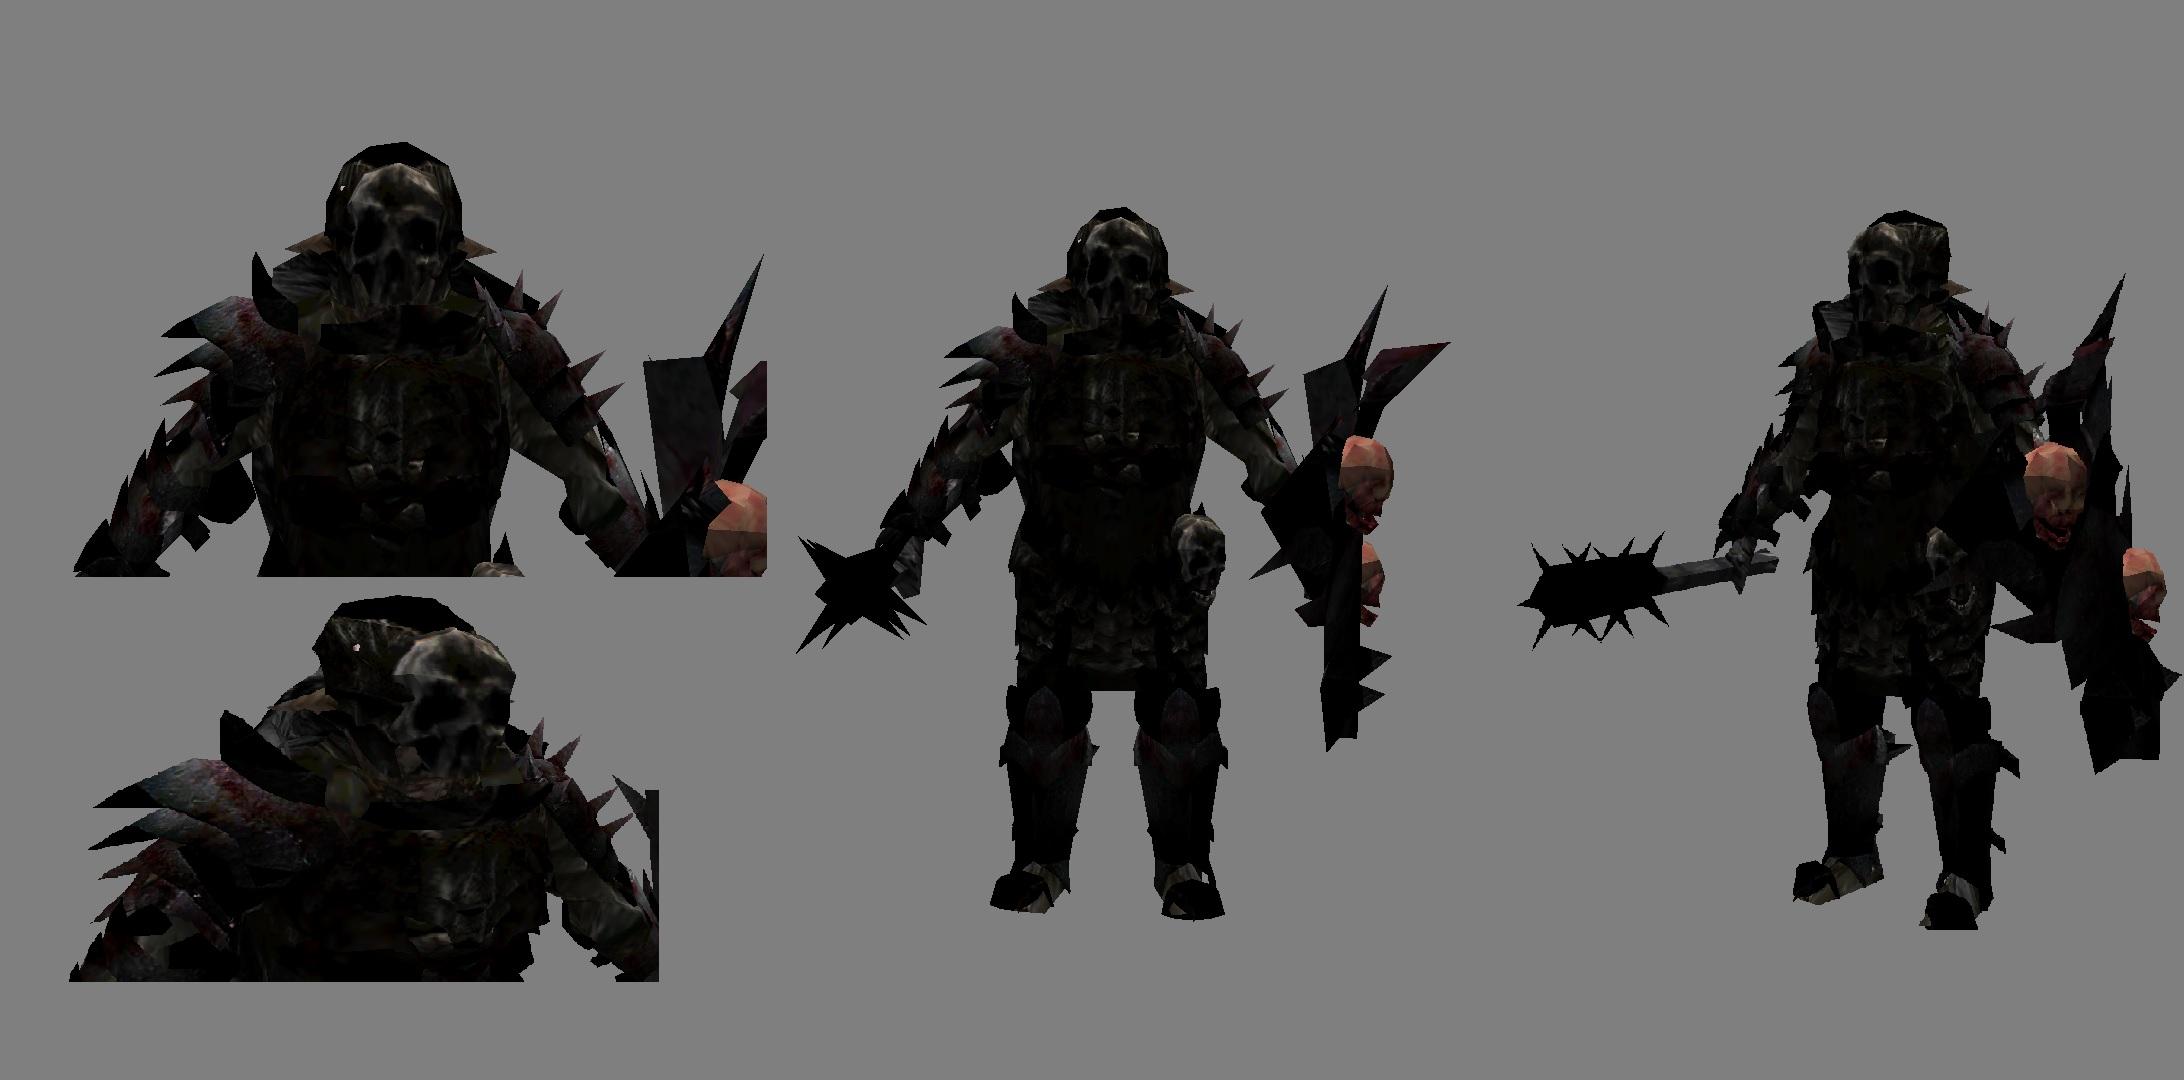 morgul3.jpg